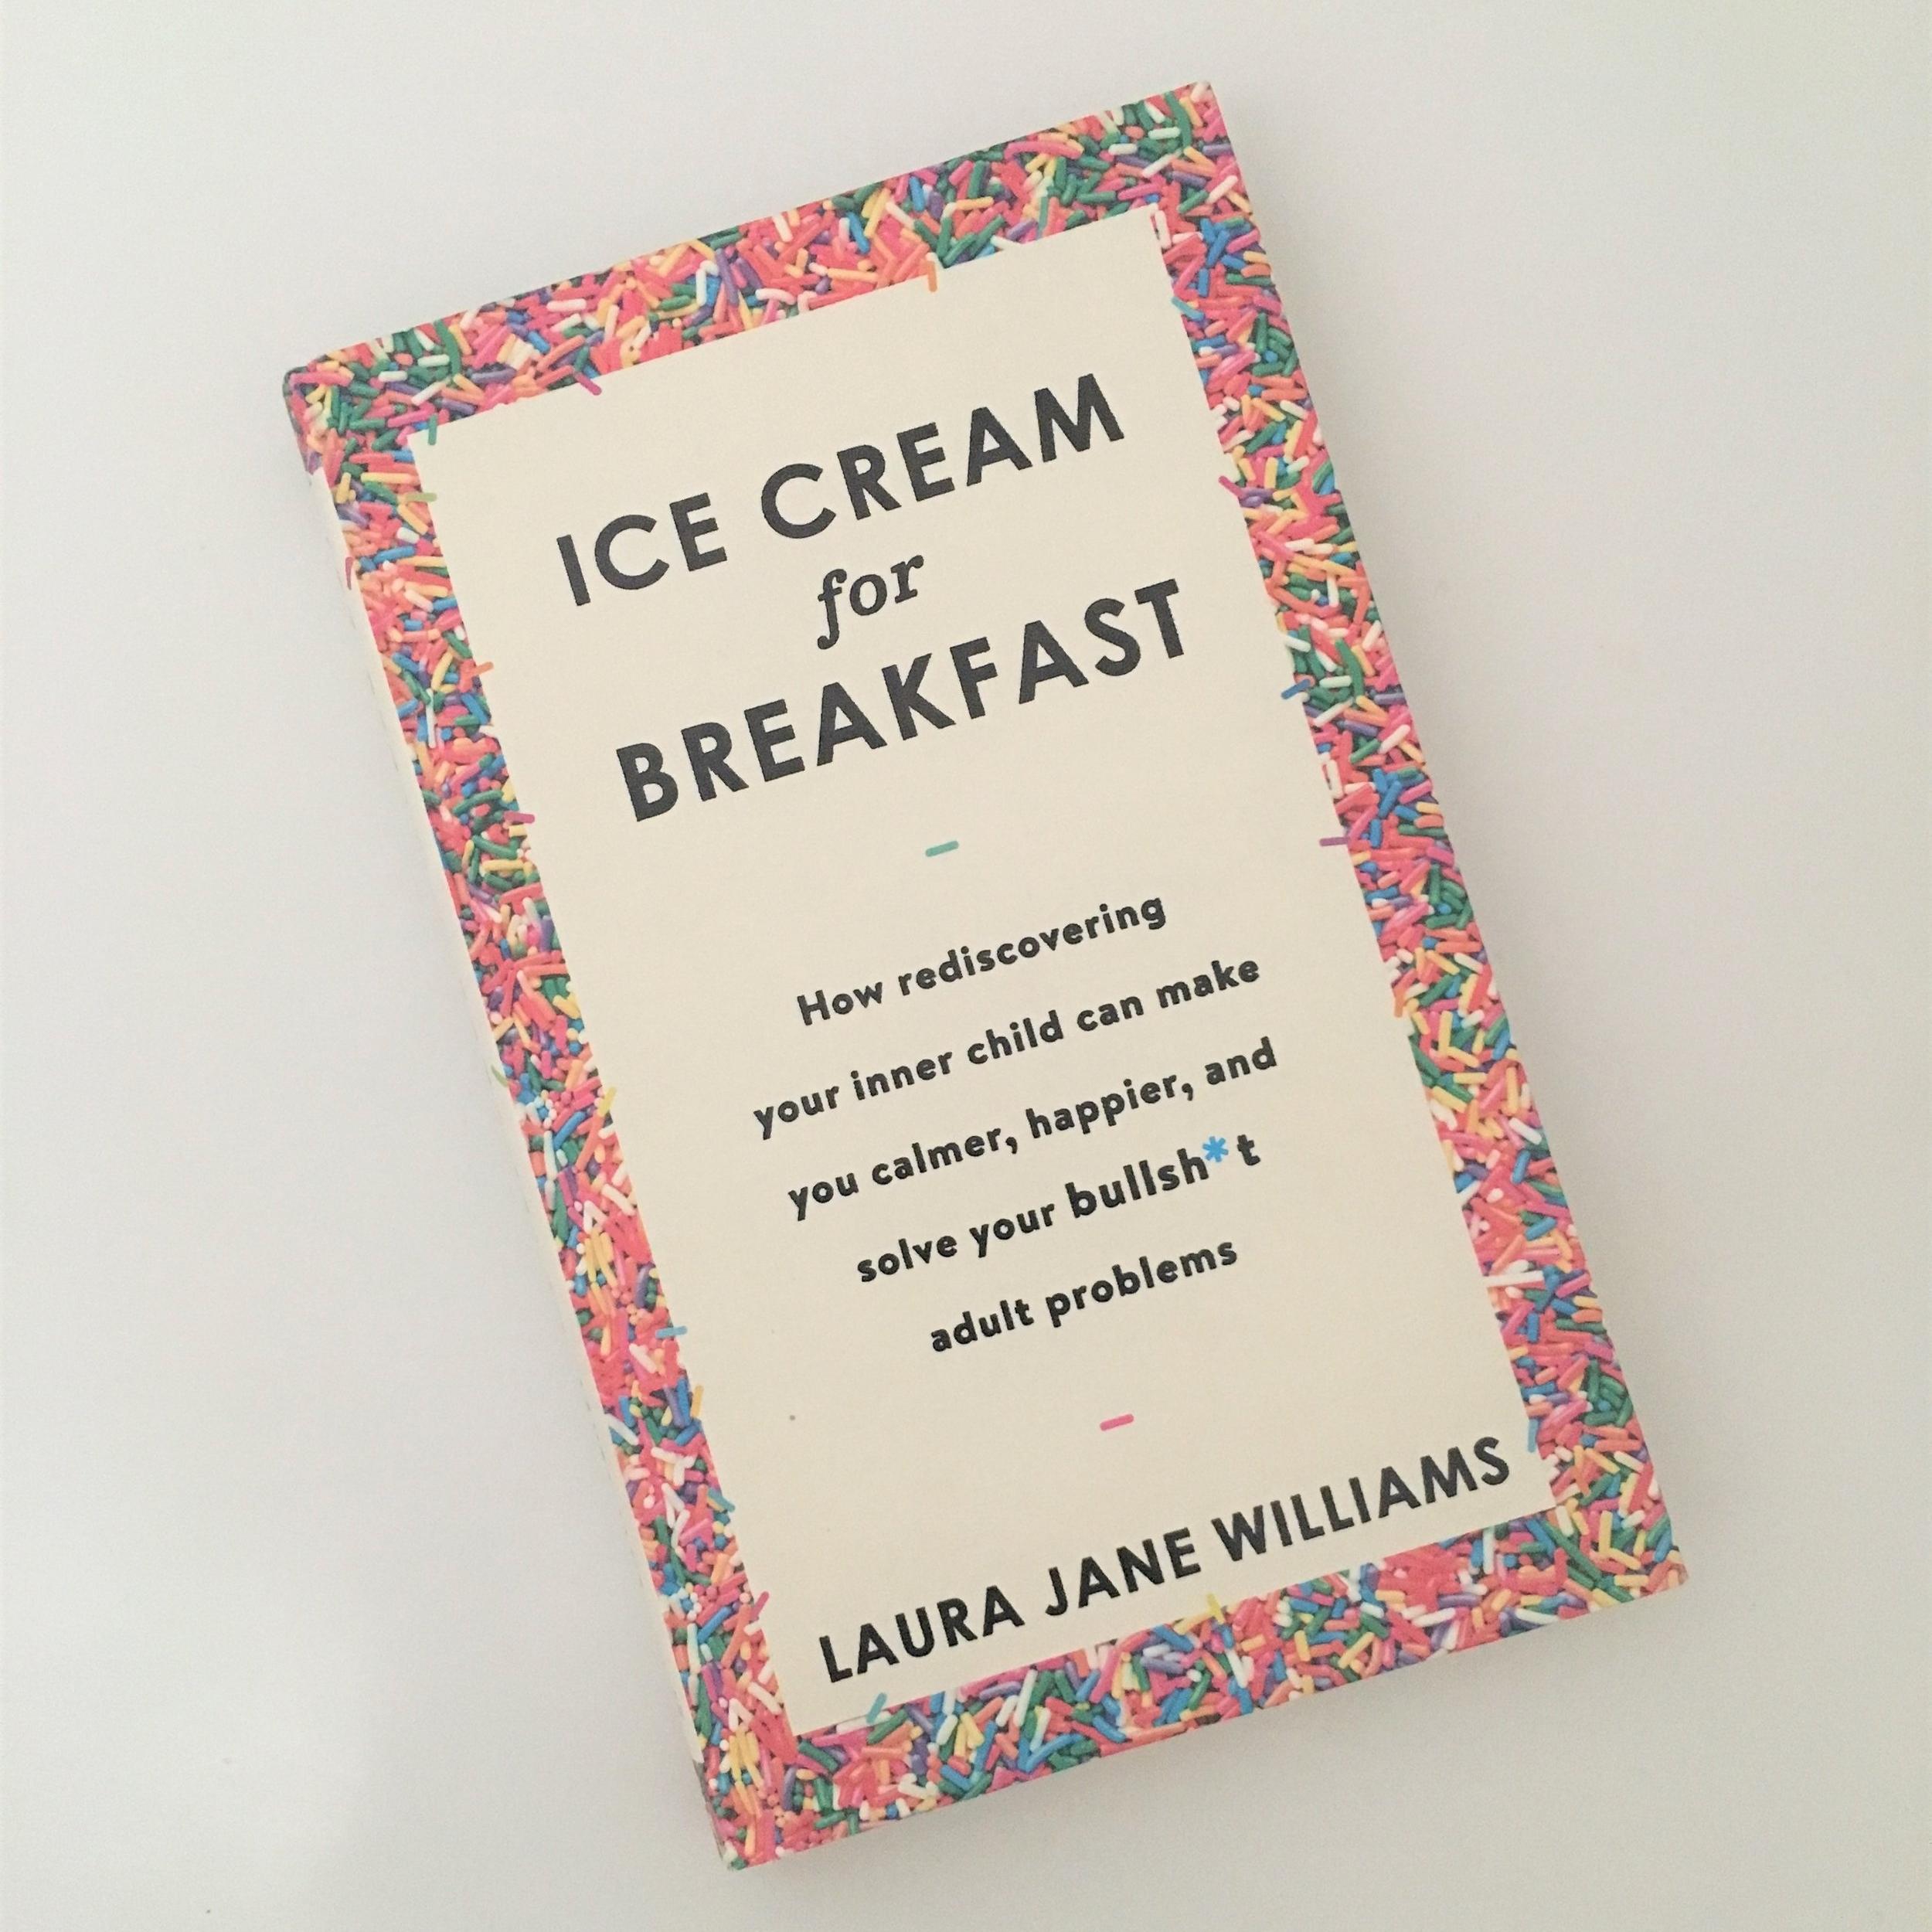 ice cream for breakfast.jpg